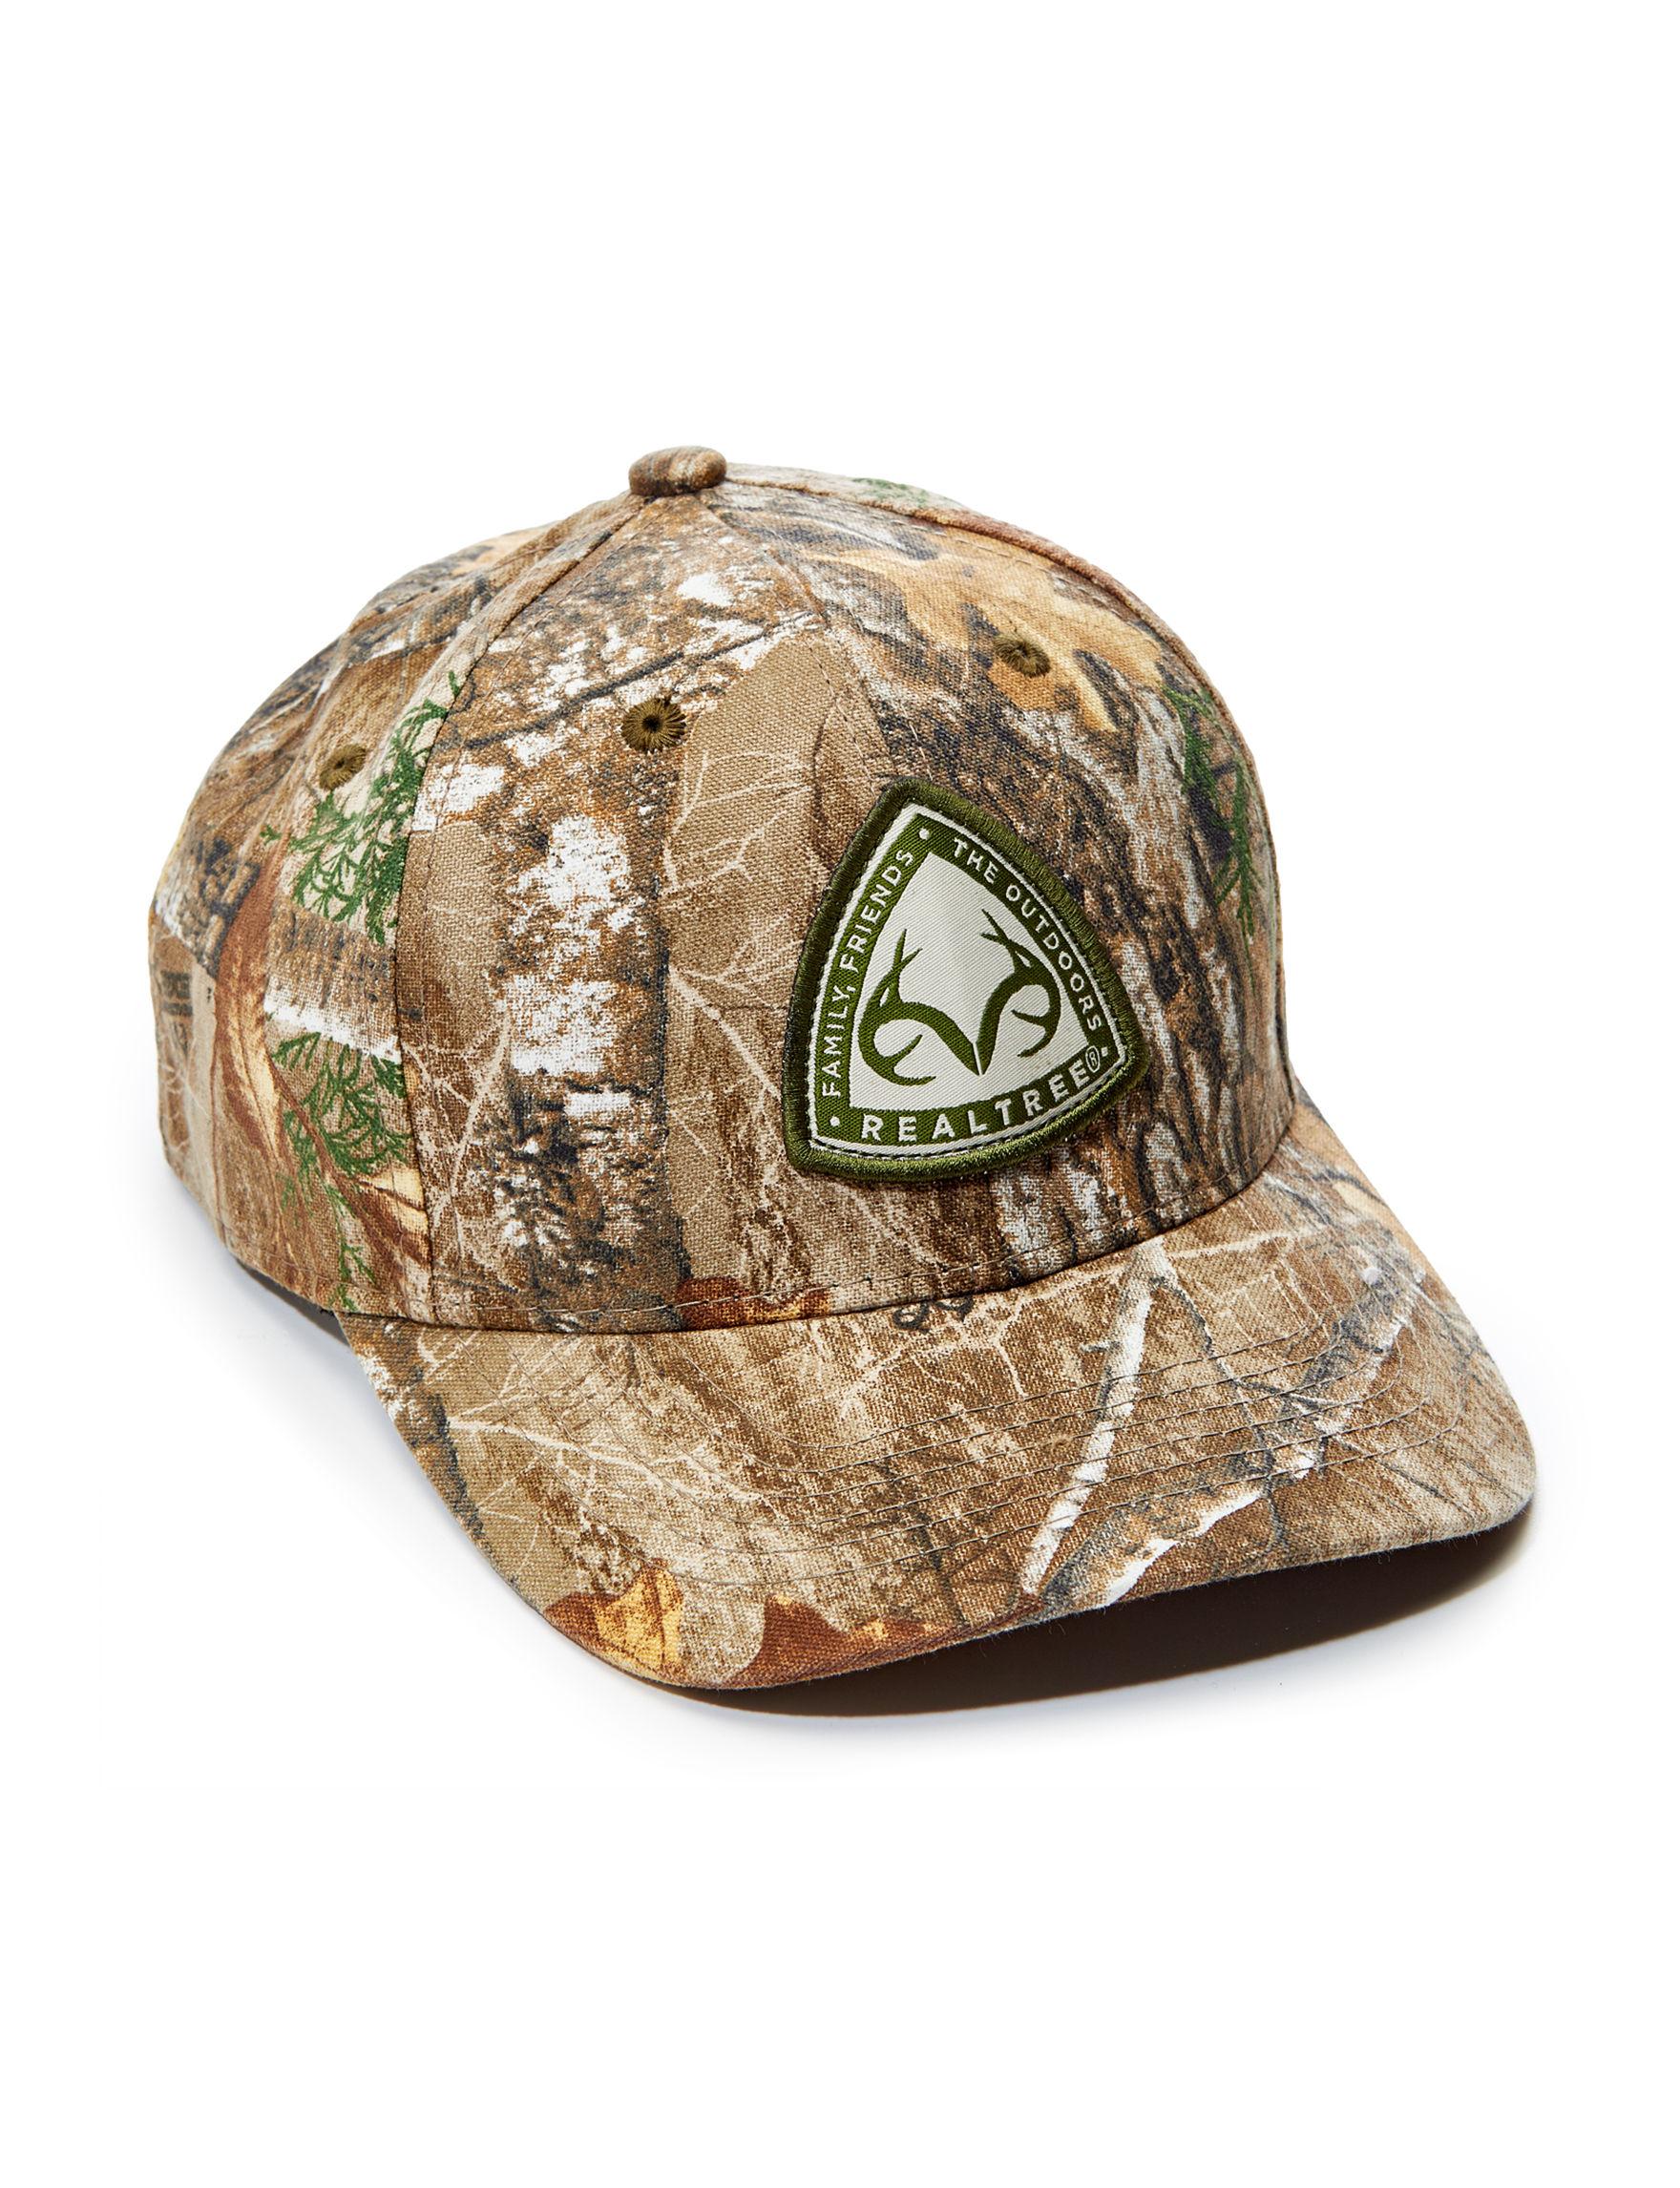 Realtree Green / Brown Hats & Headwear